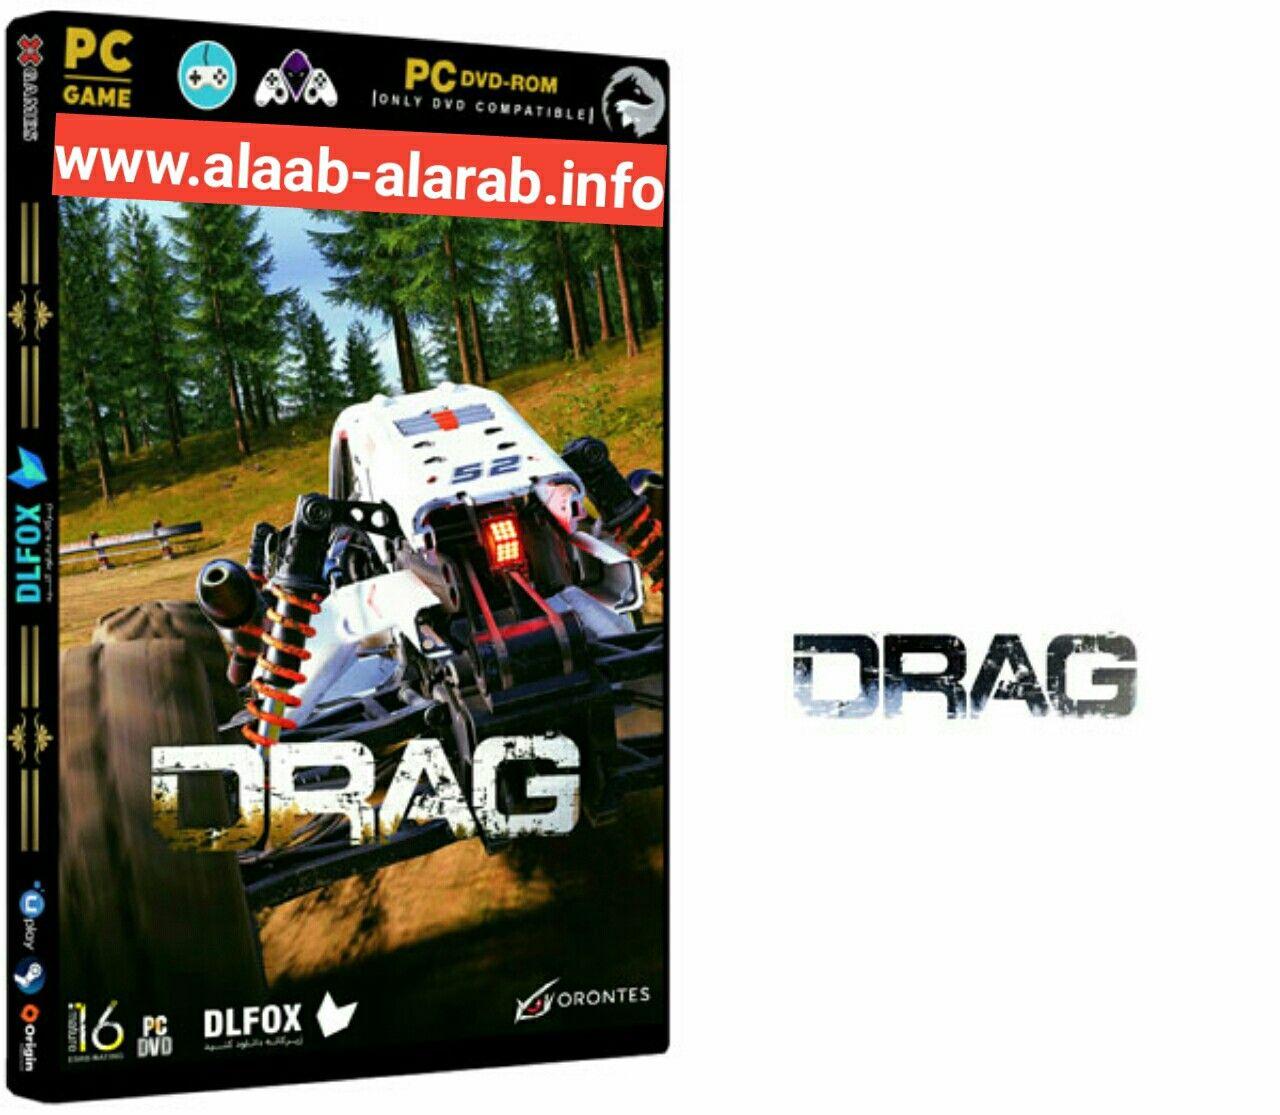 تحميل لعبة سباق السيارات Drag Racing للكمبيوتر برابط مباشر In 2020 Drag Racing Racing Car